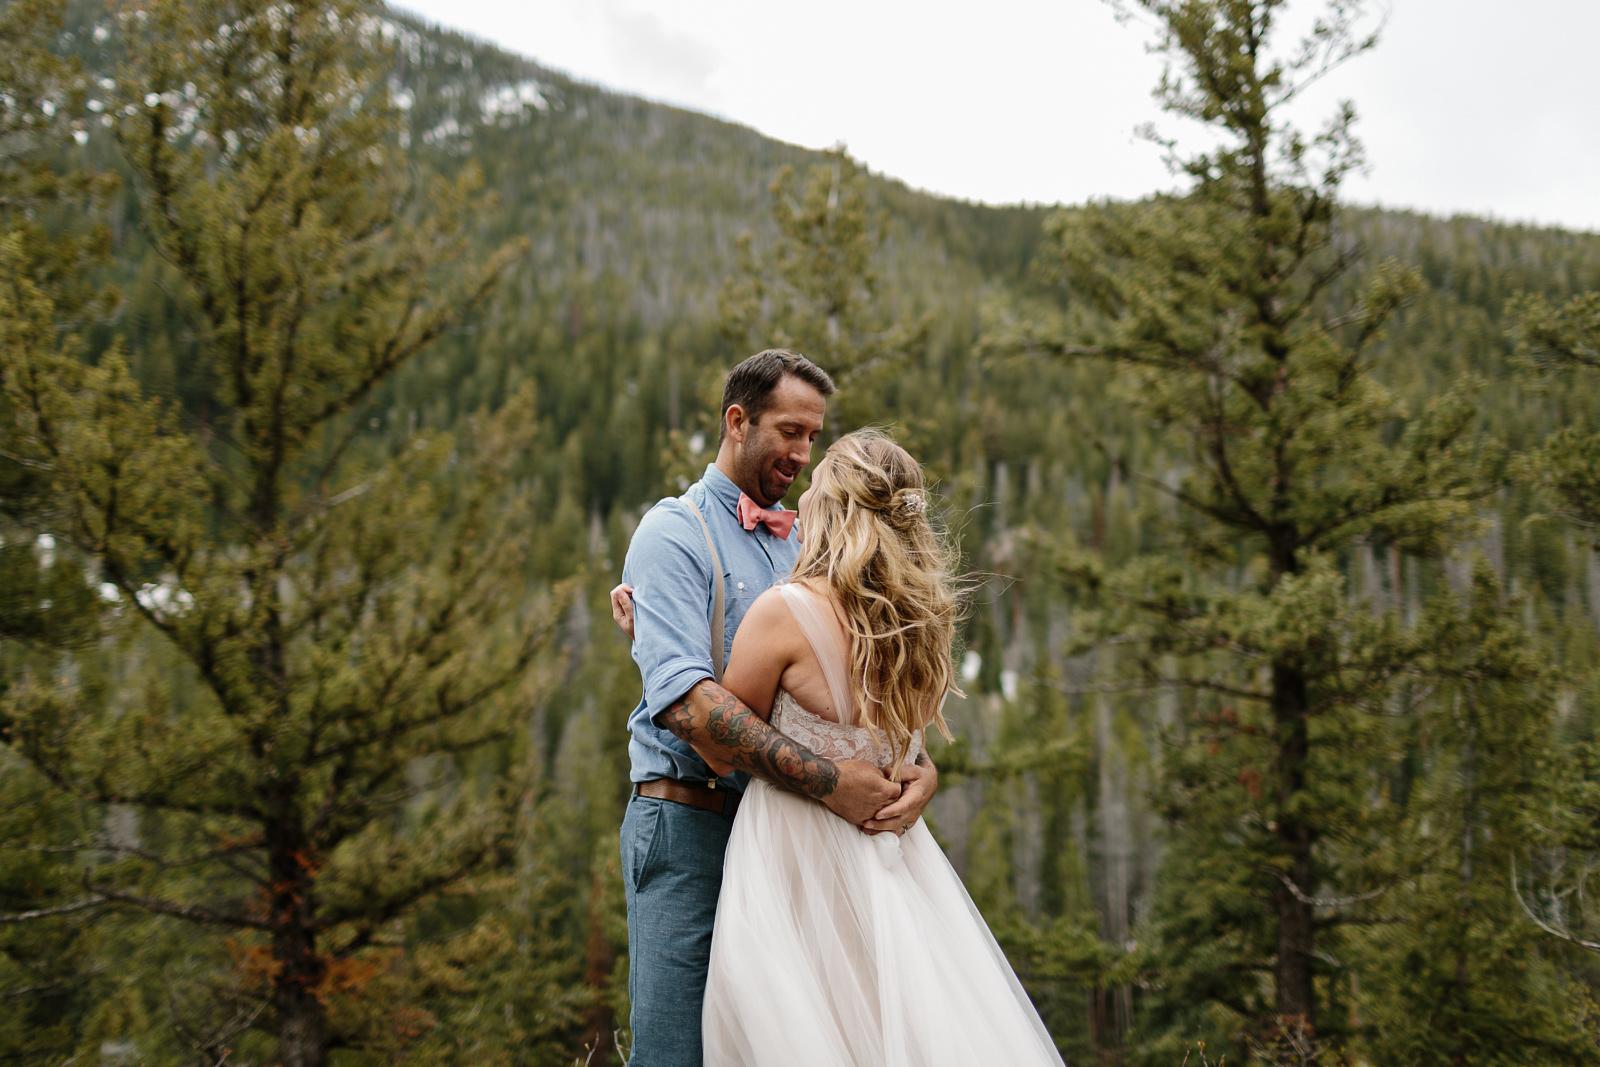 050-vail-elopement-photographer-chris-and-tara.jpg